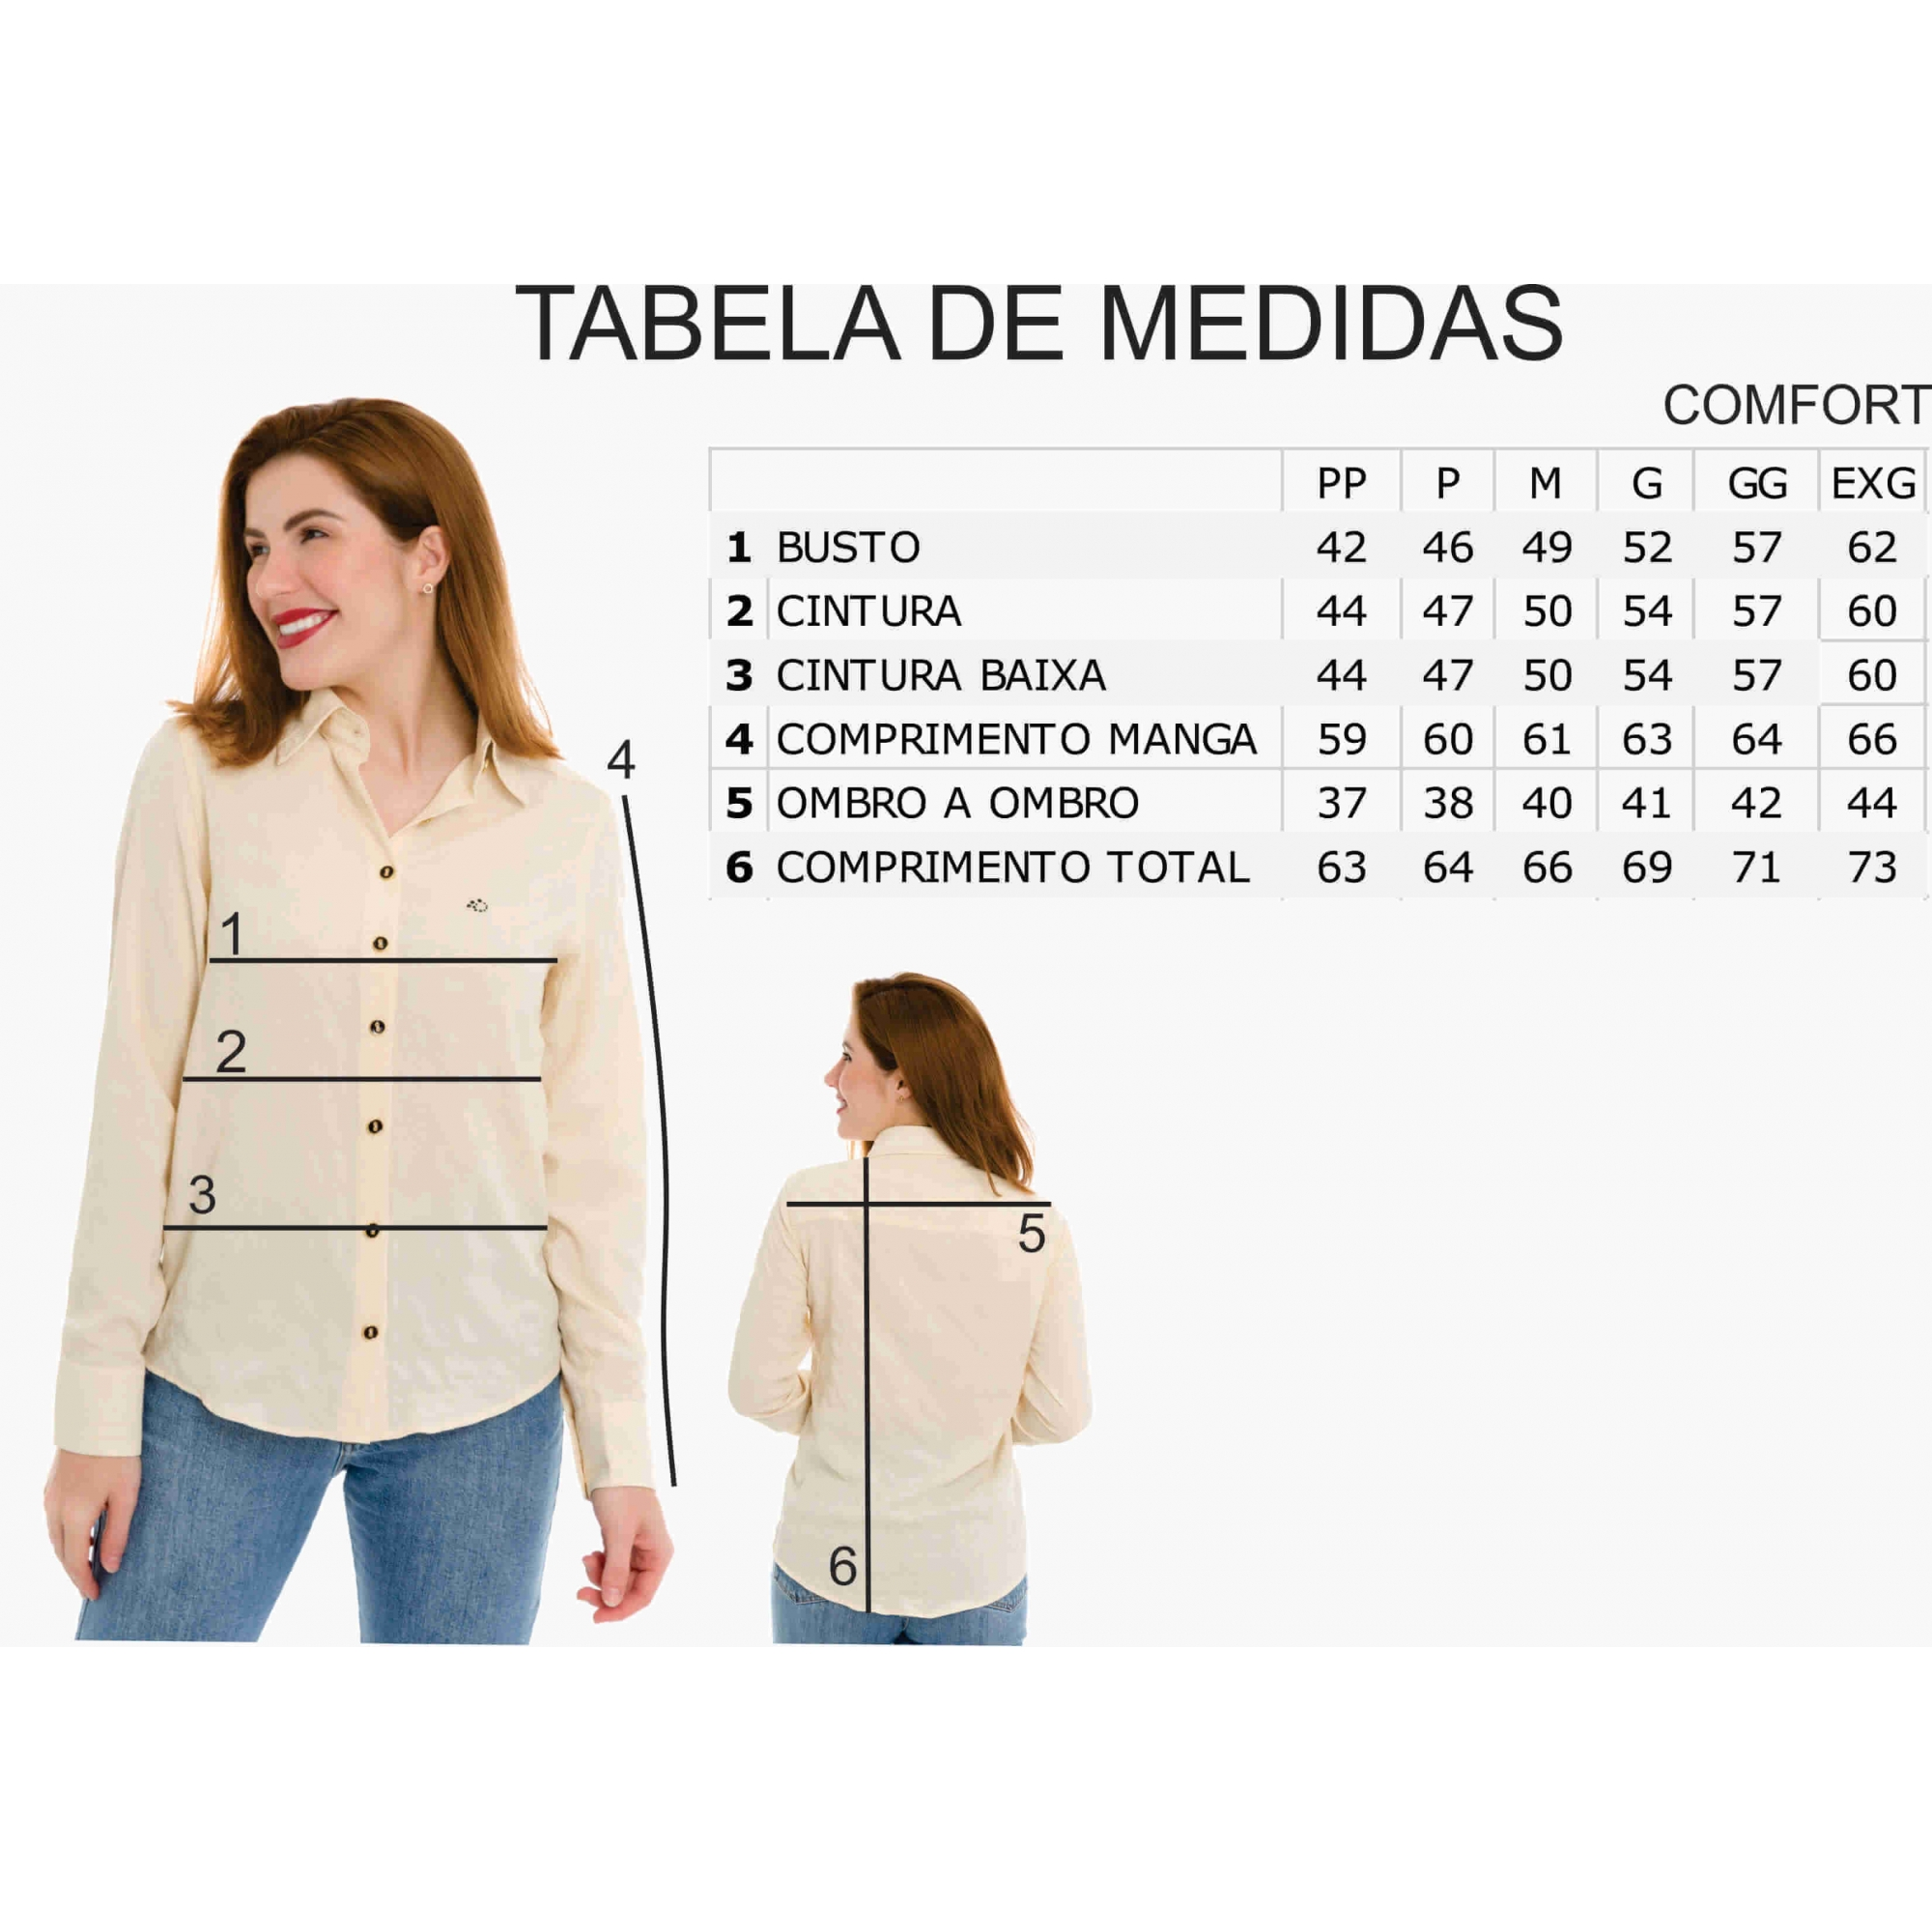 Camisa Feminina Olimpo Viscose Com Amarração Frente Manga Longa Preta